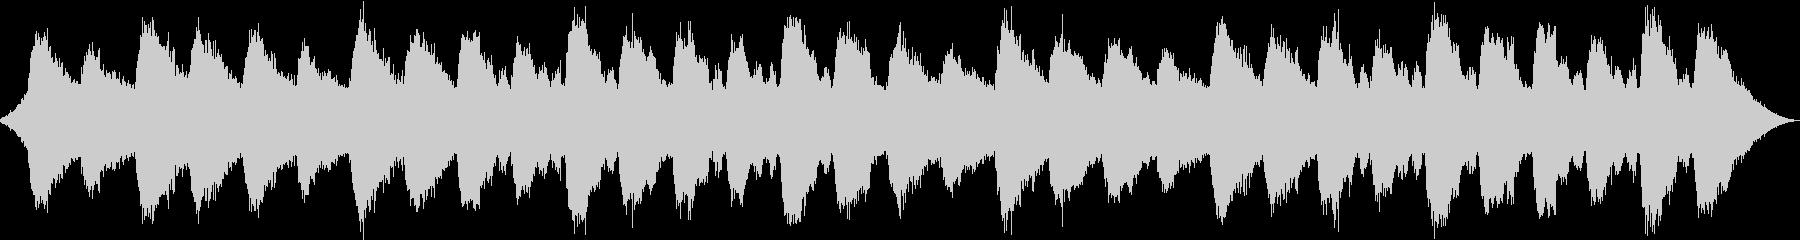 水の音が放つ1/fゆらぎの未再生の波形